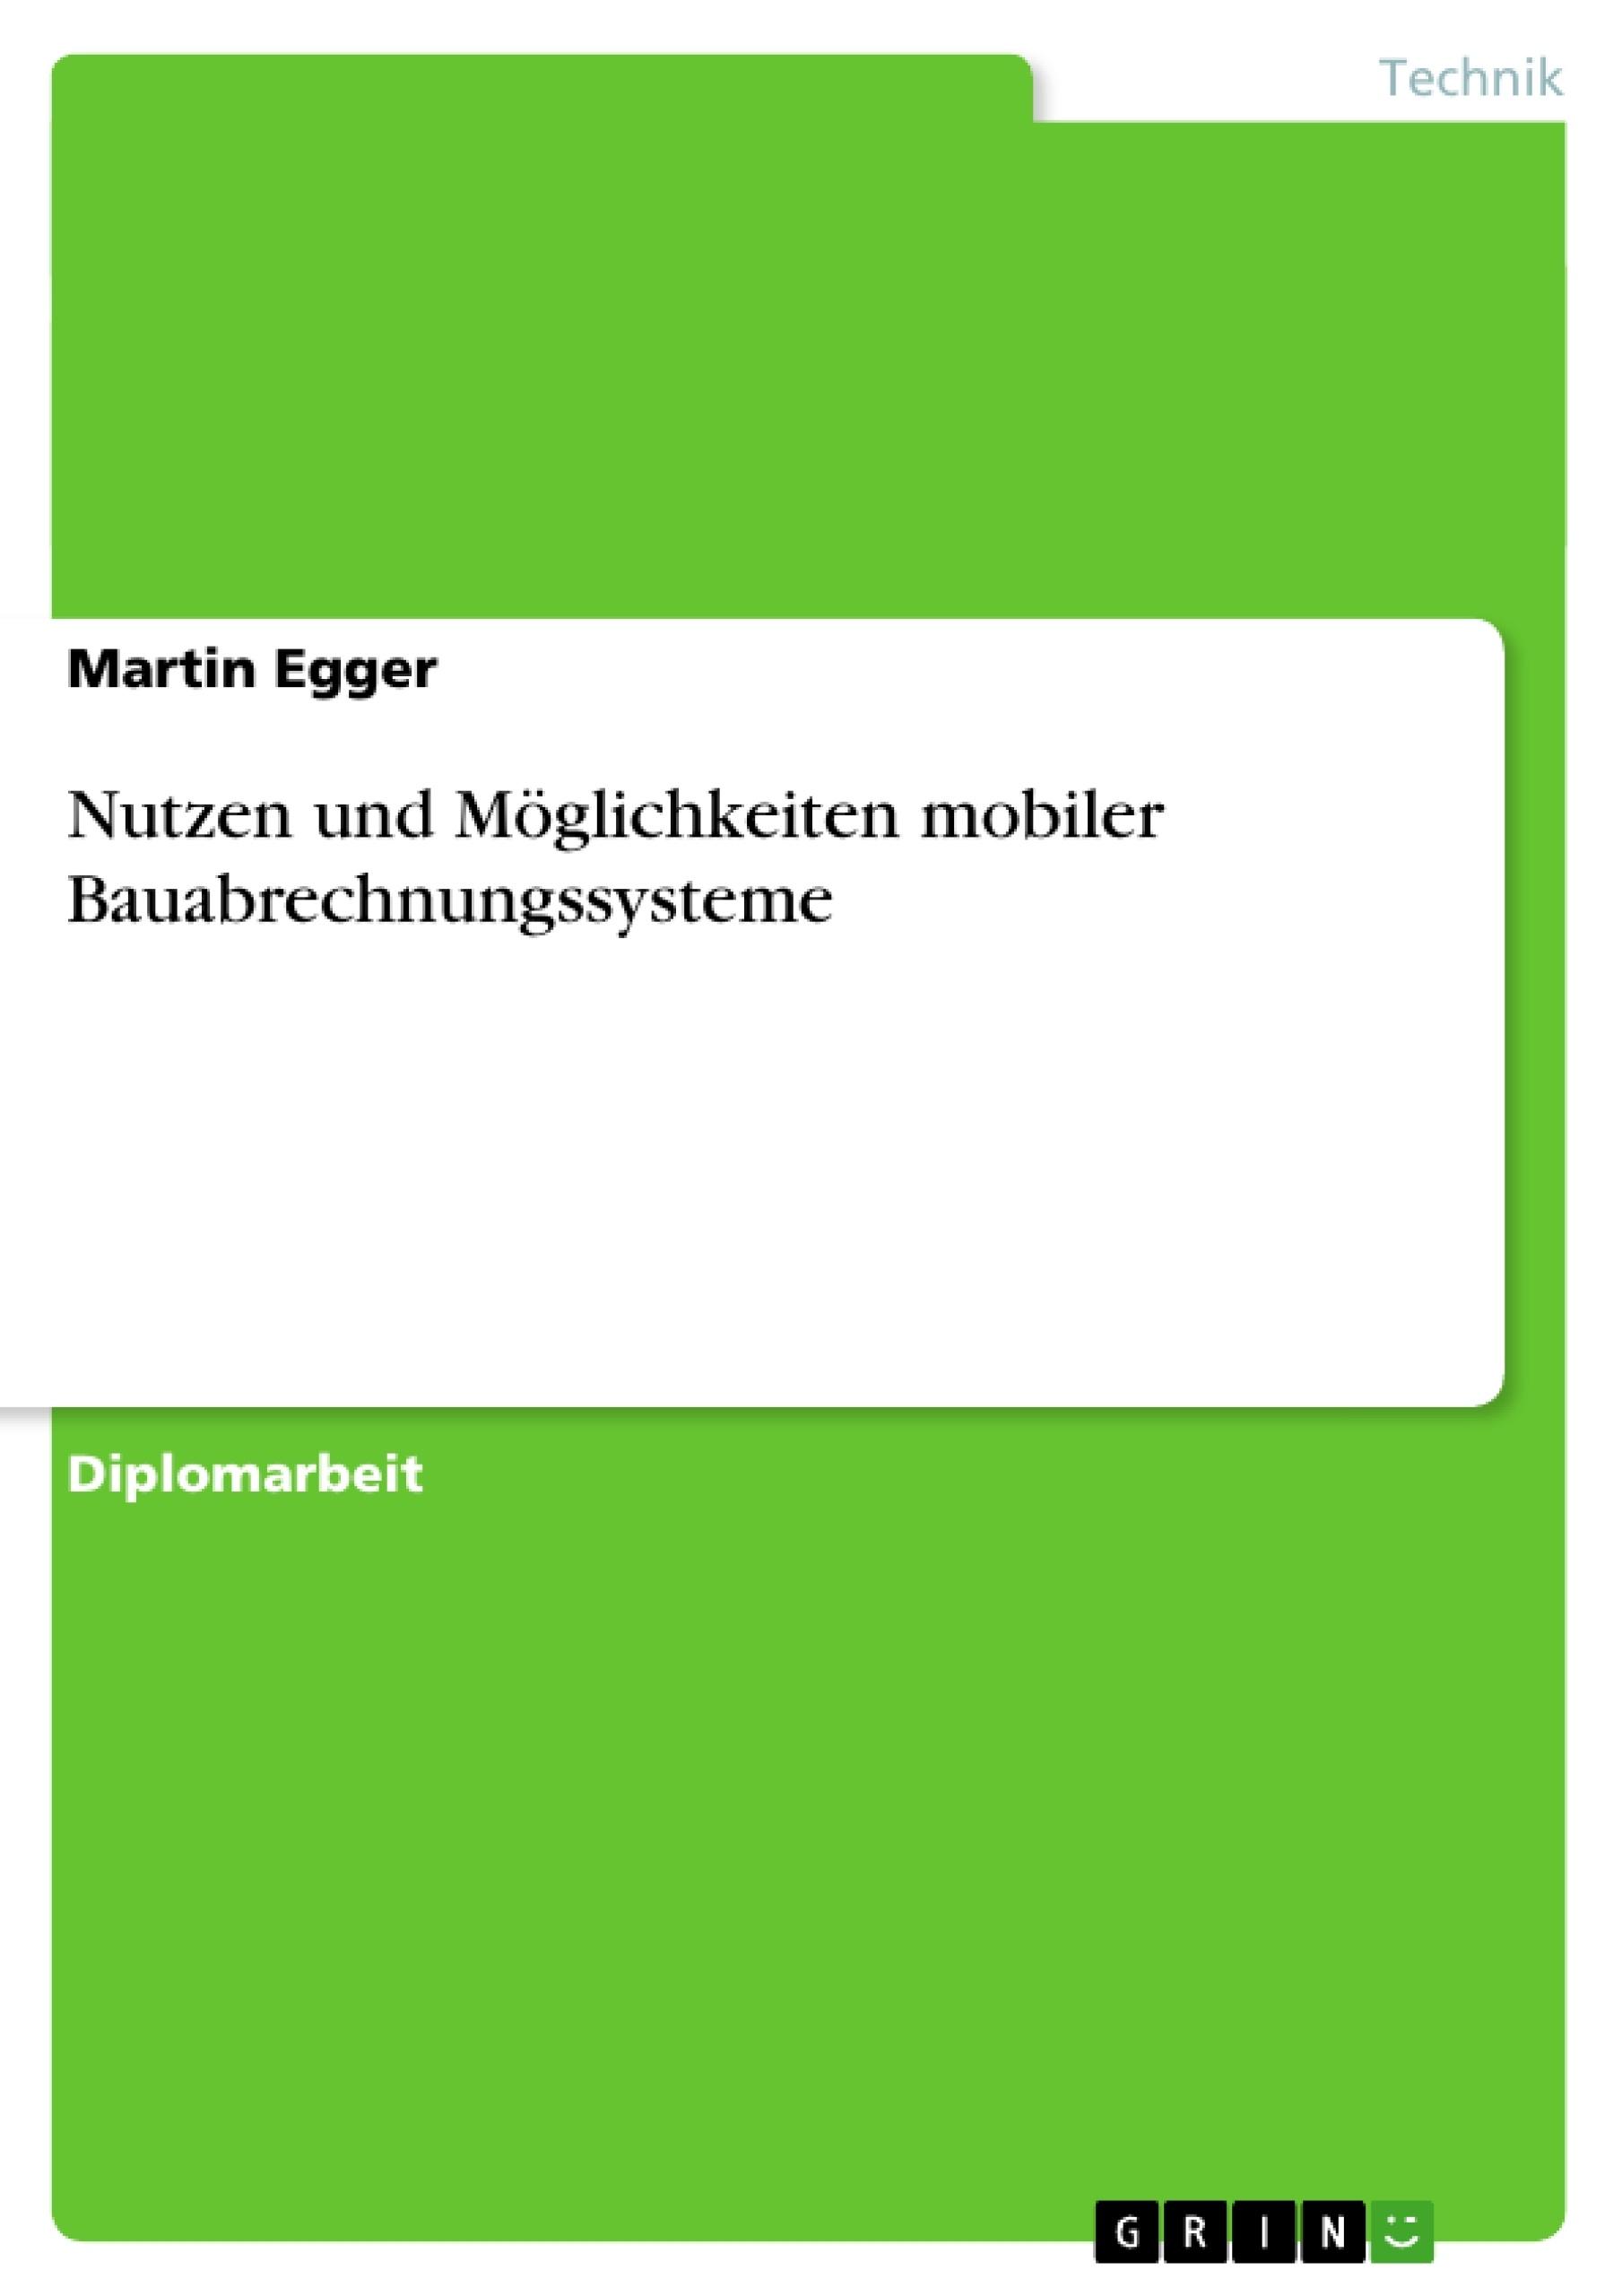 Titel: Nutzen und Möglichkeiten mobiler Bauabrechnungssysteme